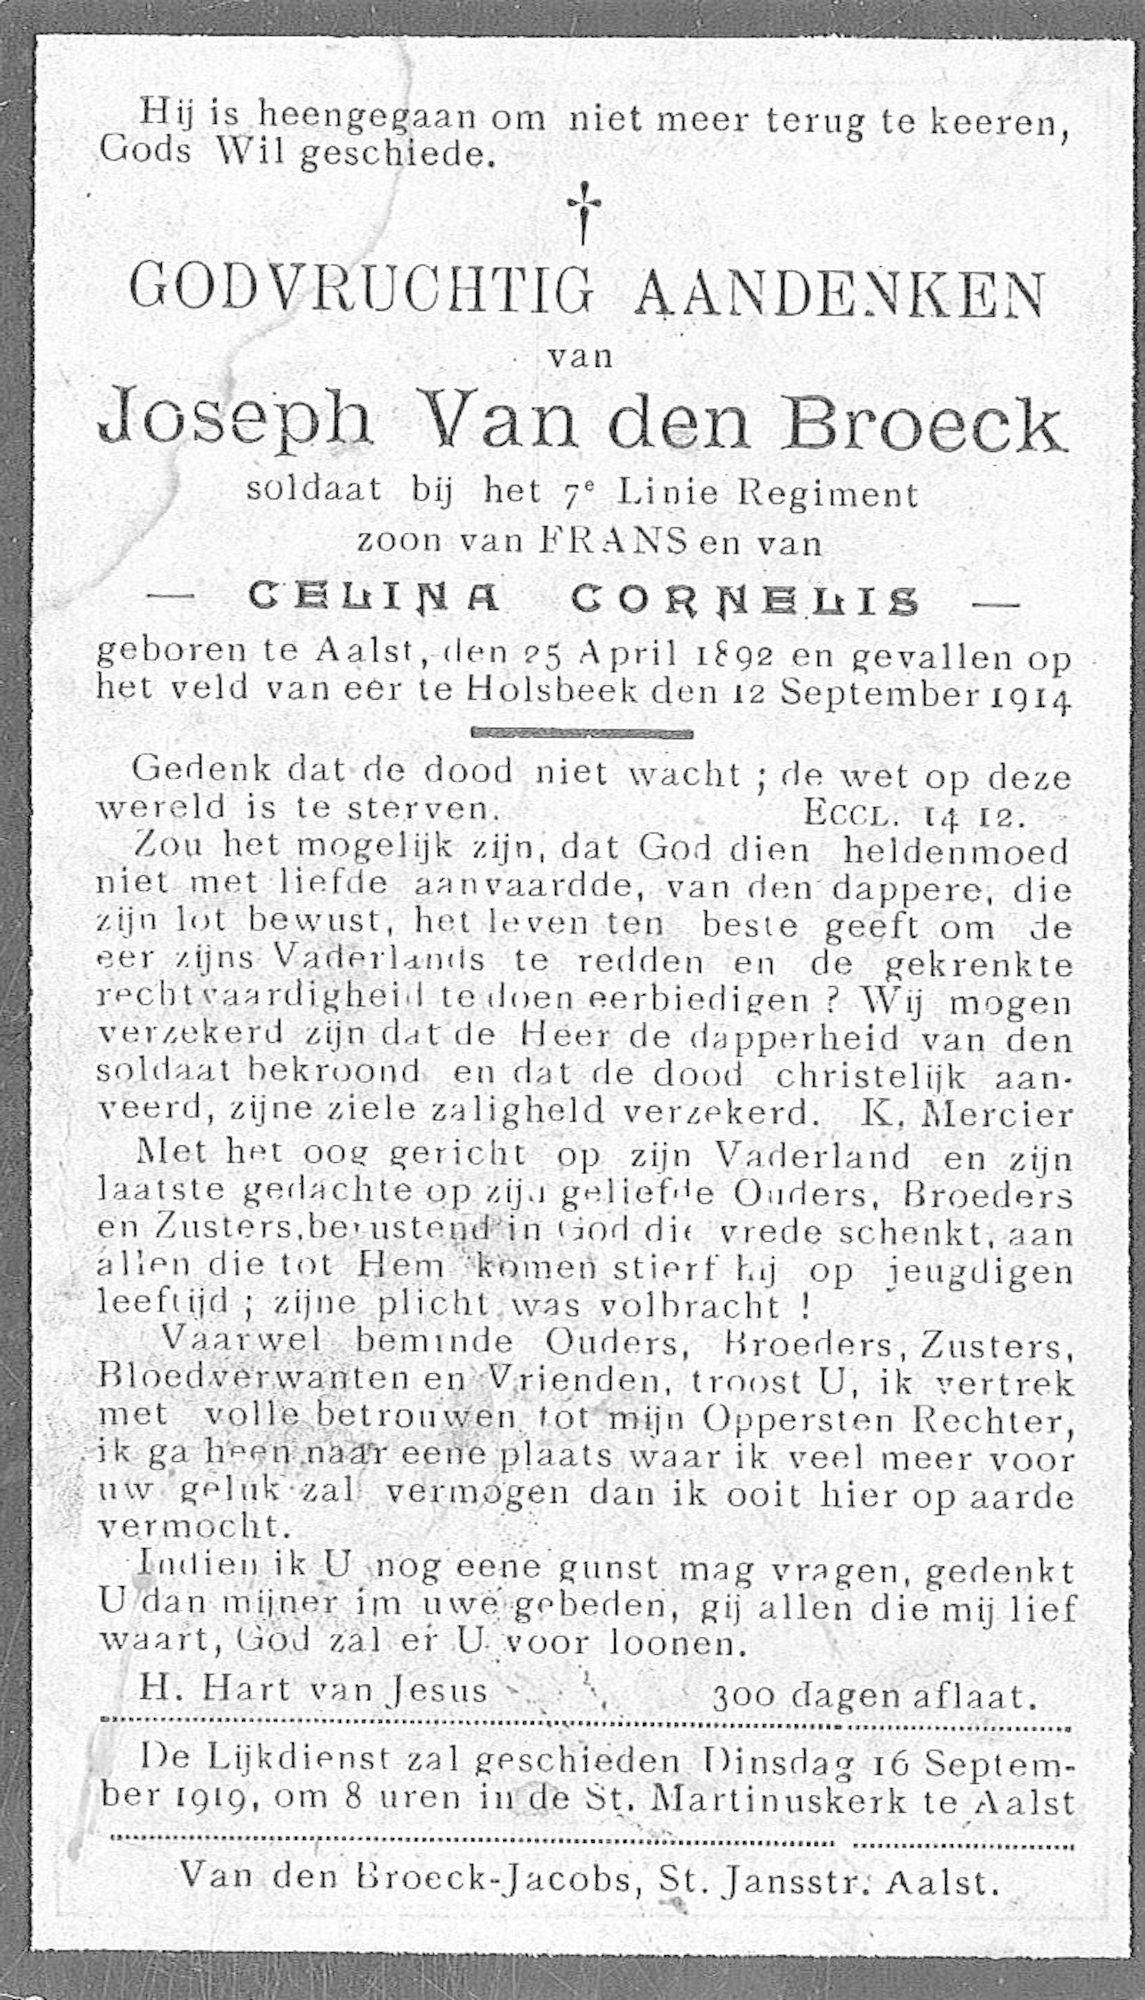 Joseph Van den Broeck